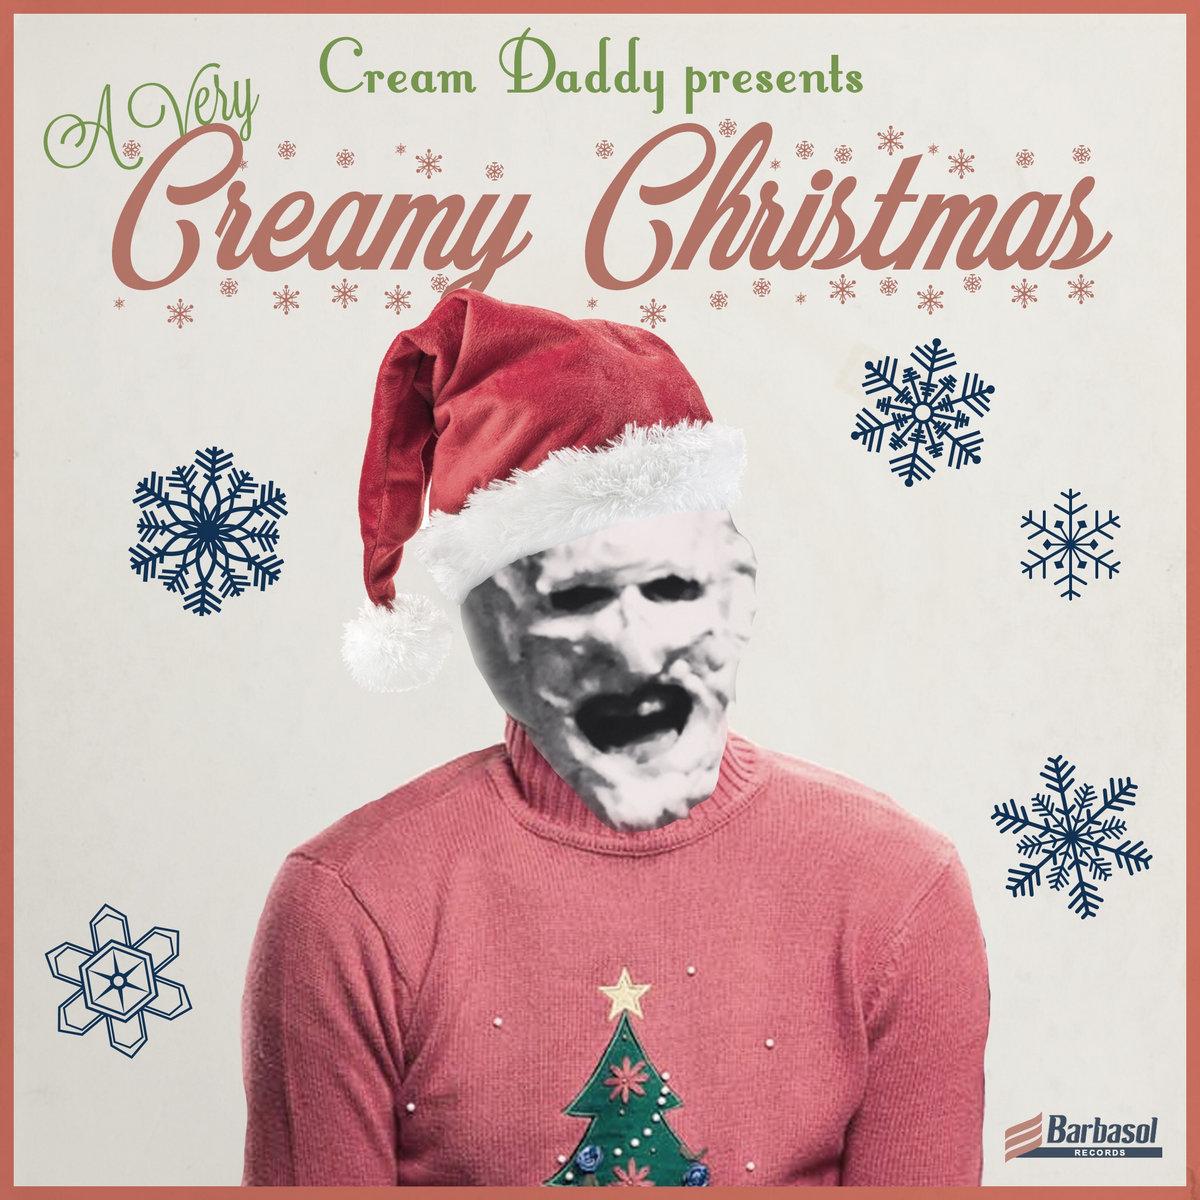 A very creamy christmas 3 scene 2 6